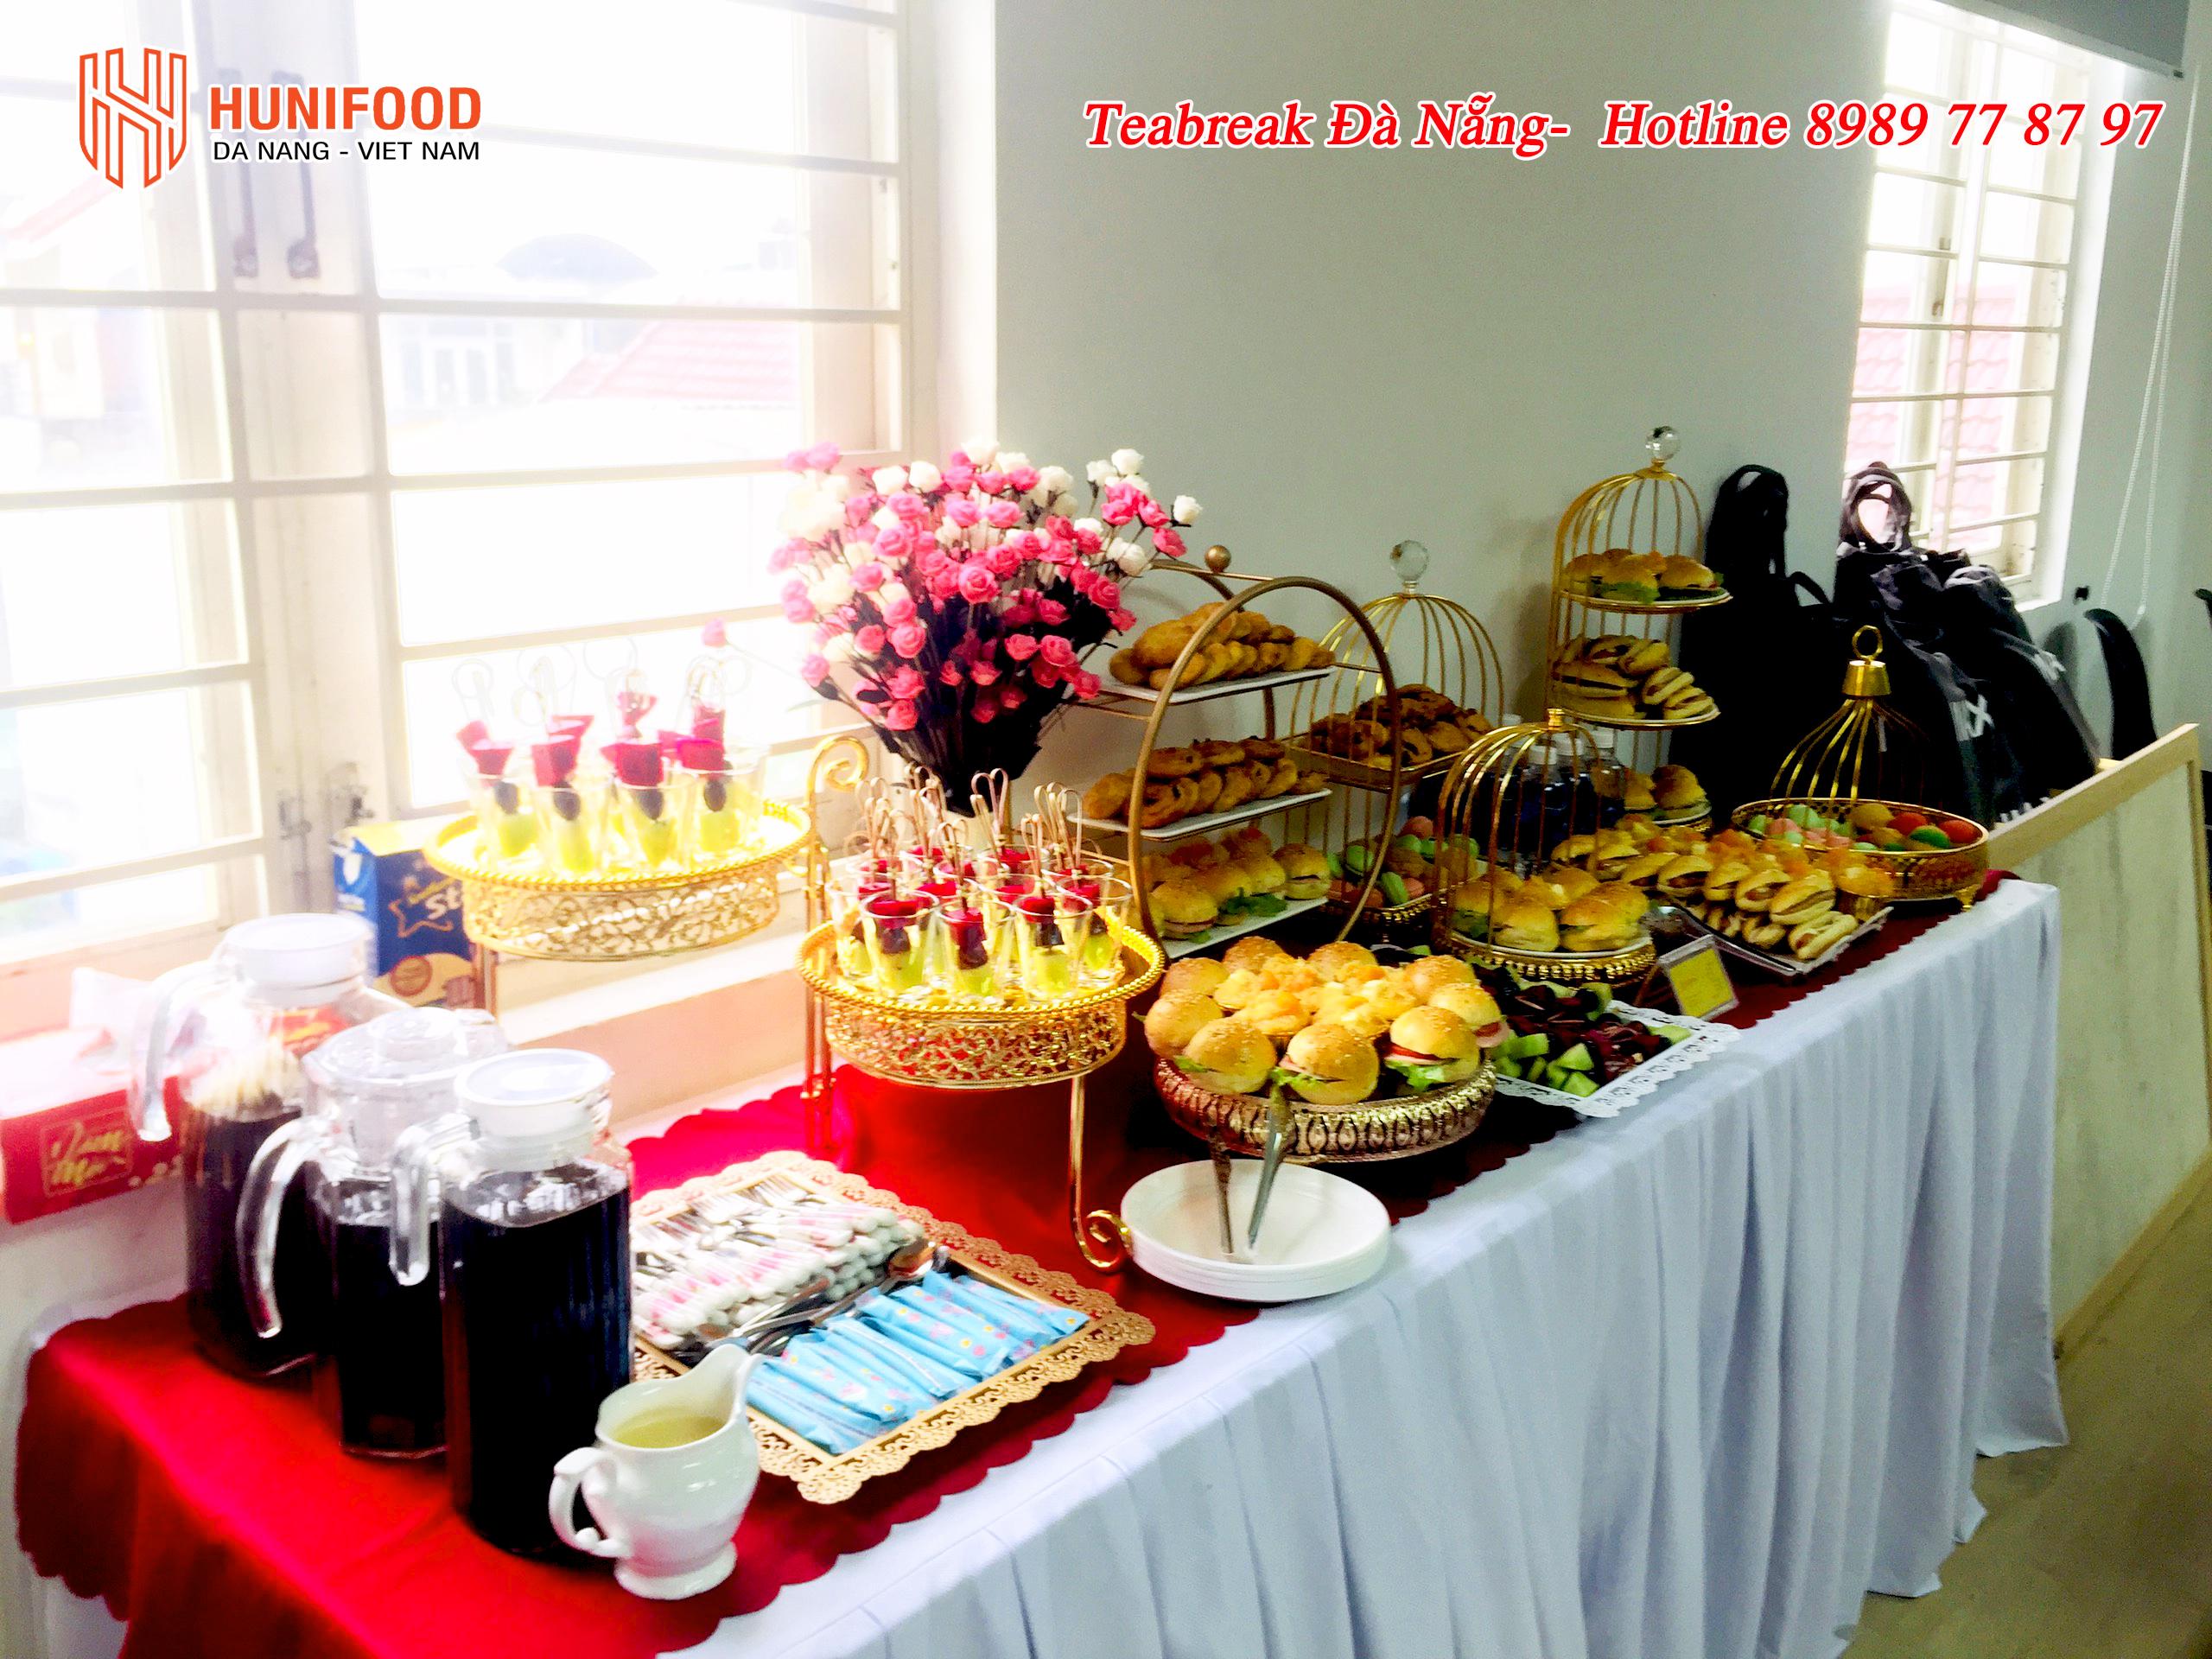 Tiệc Teabreak Đà Nẵng